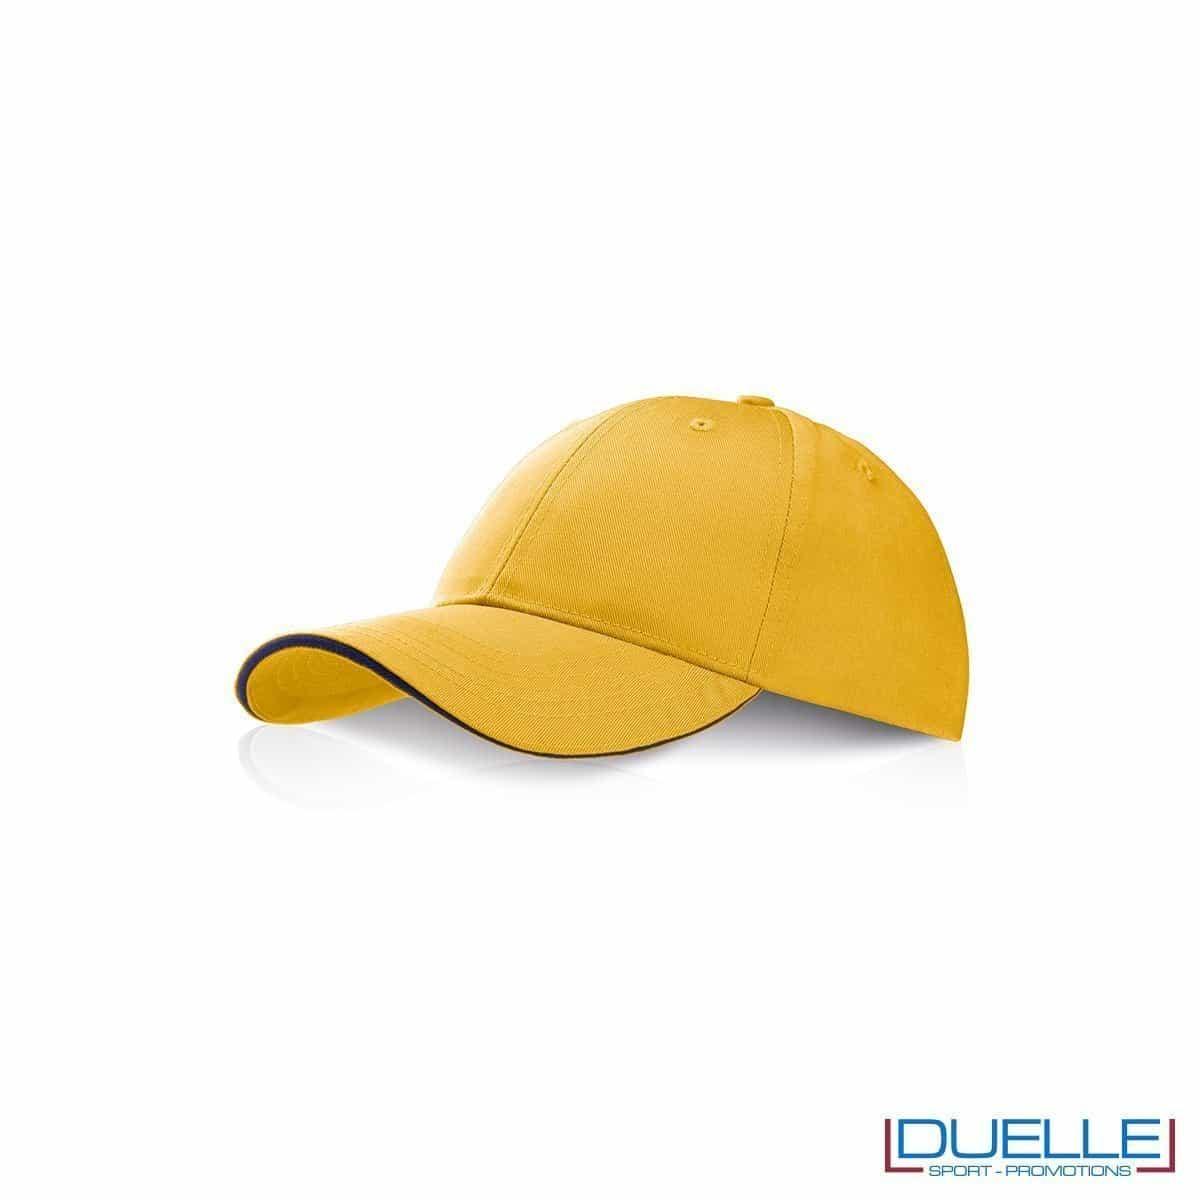 Cappellino personalizzato con visiera a sandwich,rigida,gadget sport, giallo